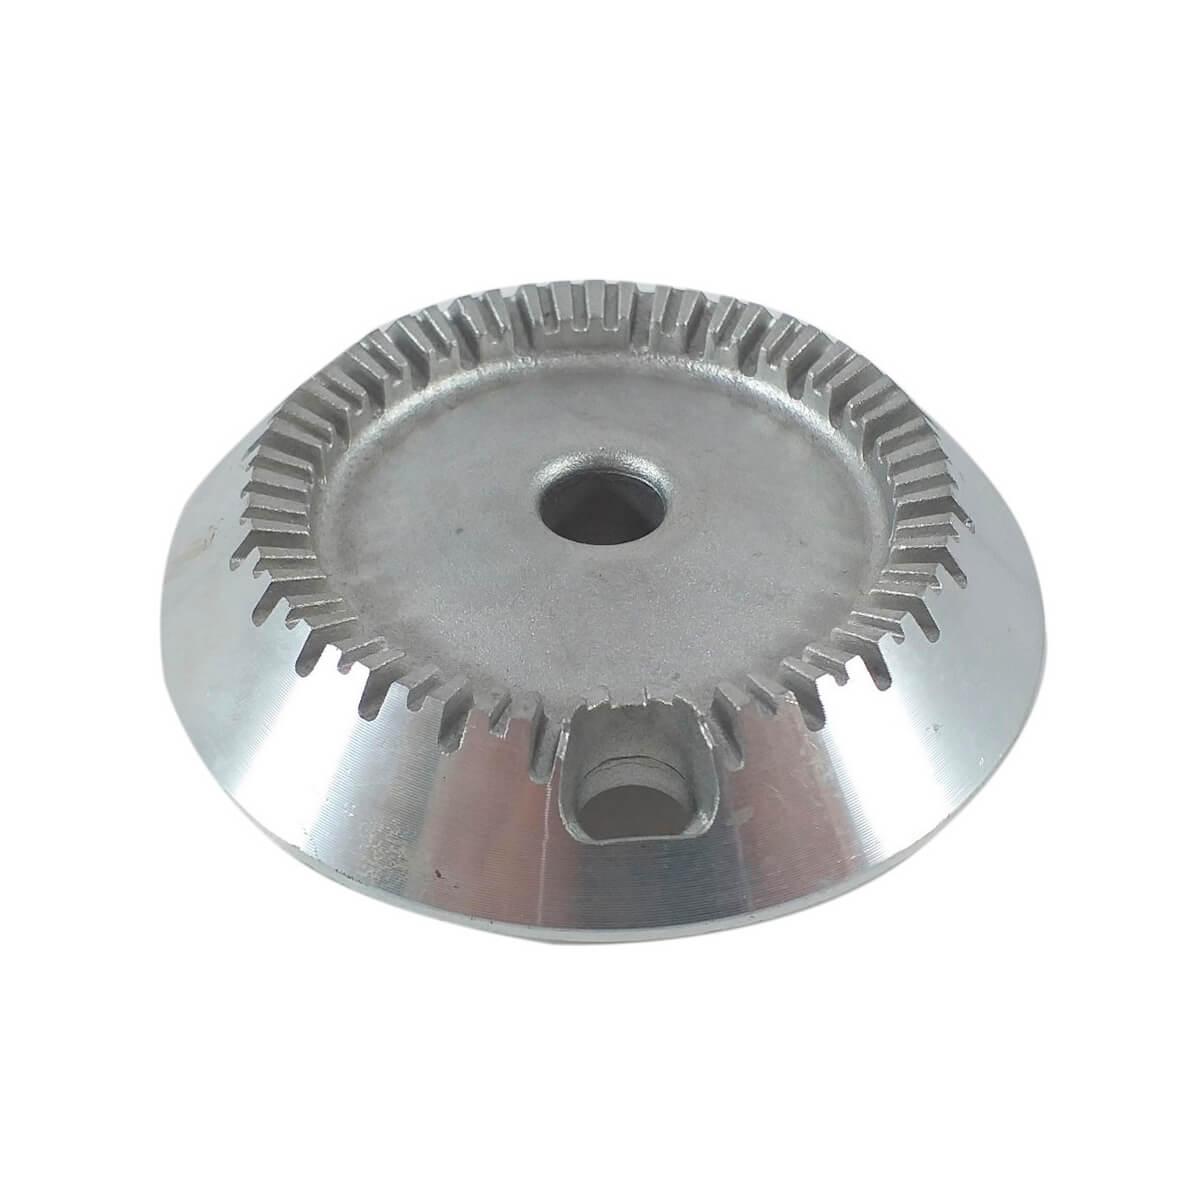 Coroa Queimador Semi-rápido Para fogão Electrolux - 62546039